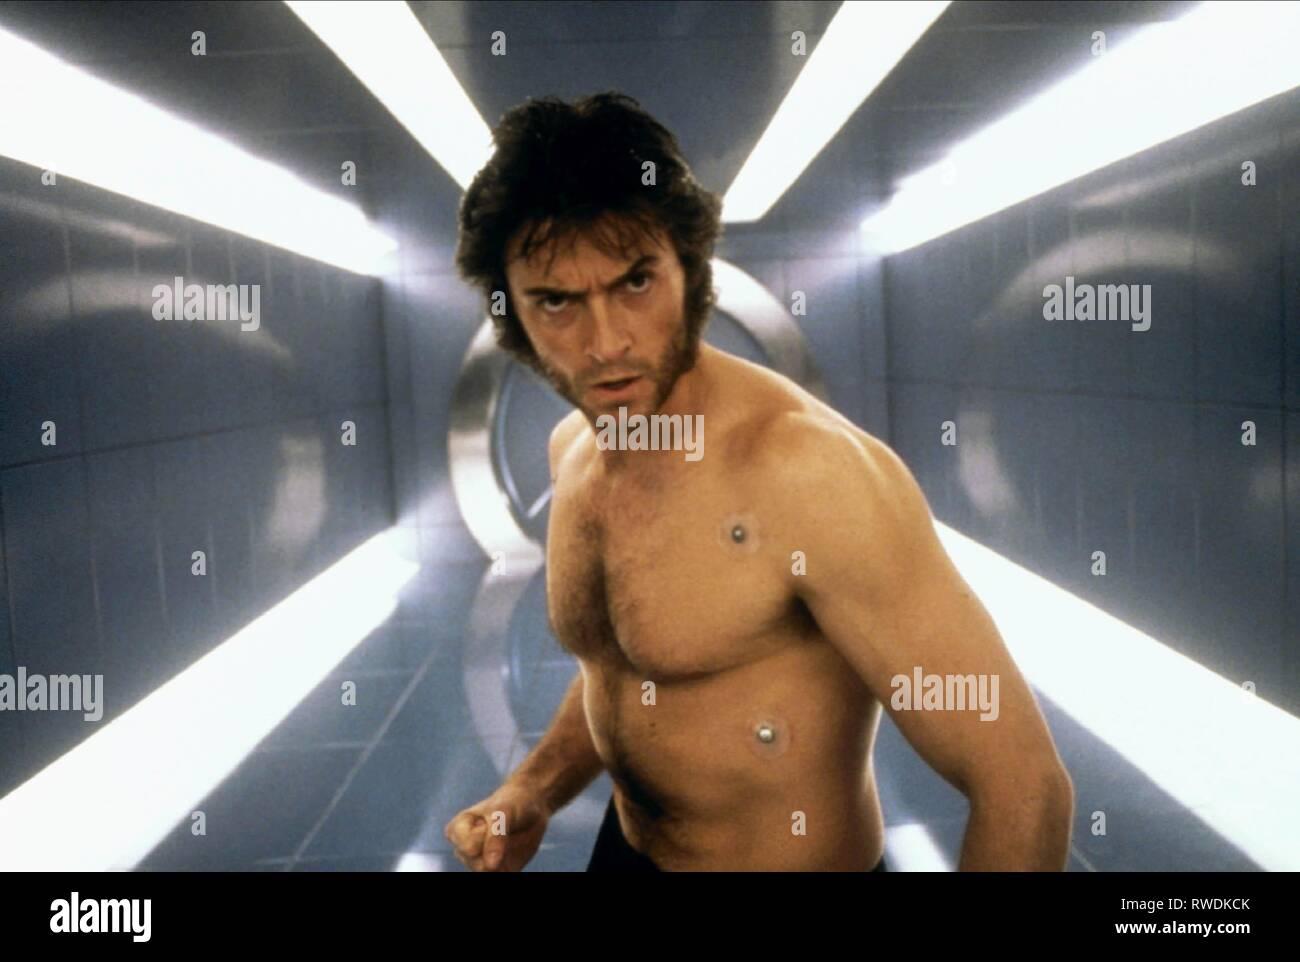 HUGH JACKMAN, X-MEN, 2000 - Stock Image